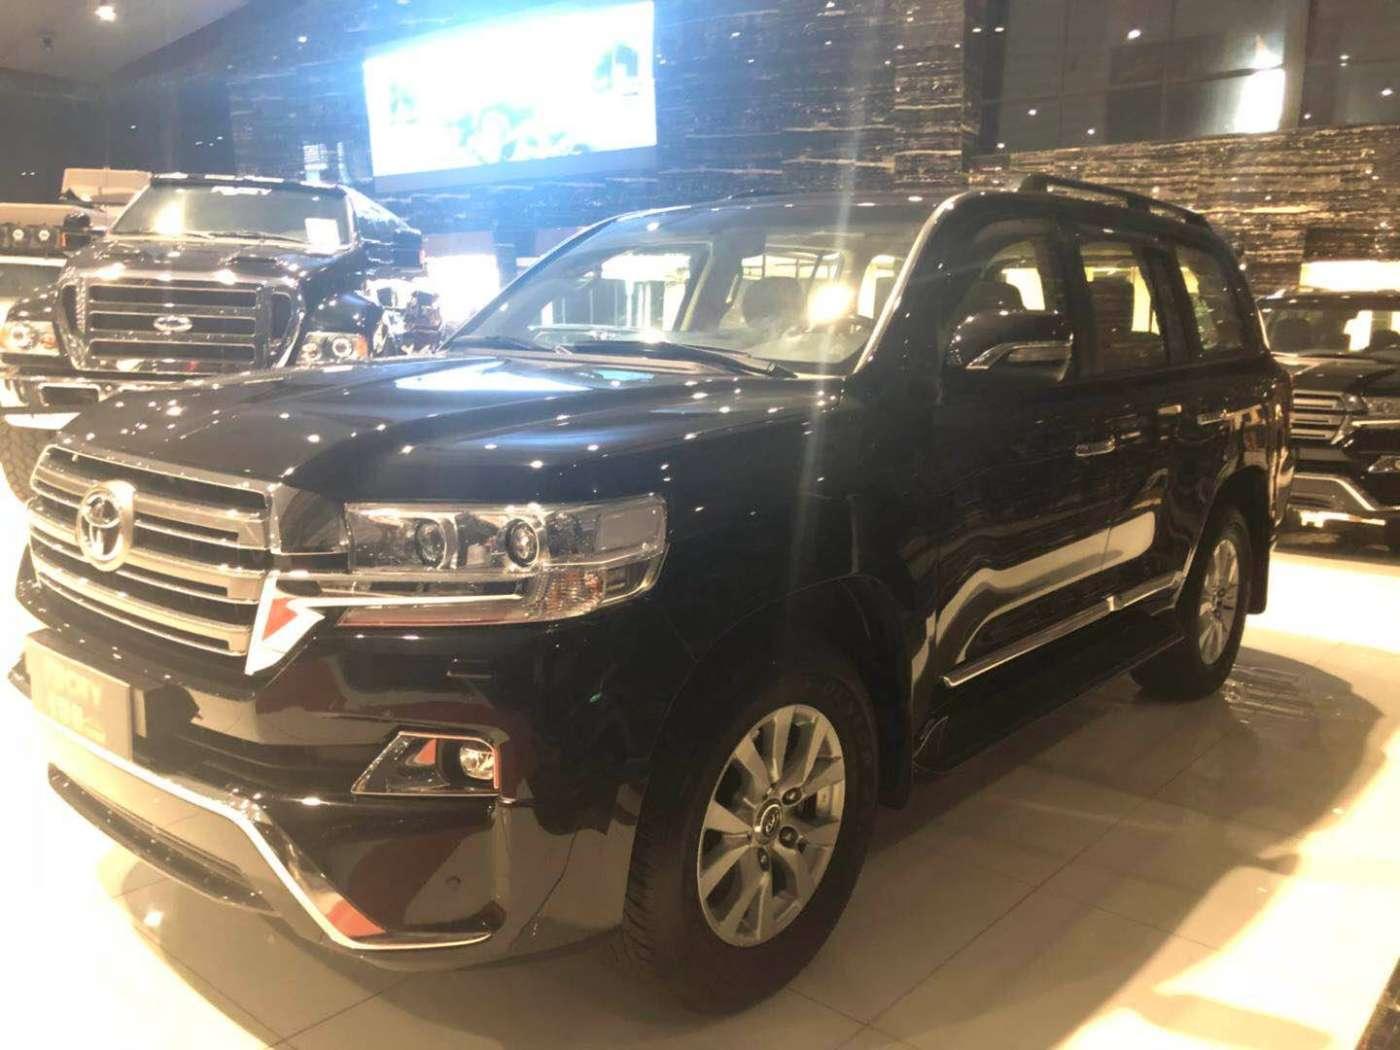 2017年04月 丰田 2016款 兰德酷路泽(进口) 4000 V6 中东版|甄选丰田-北京卡斯基汽车服务有限公司